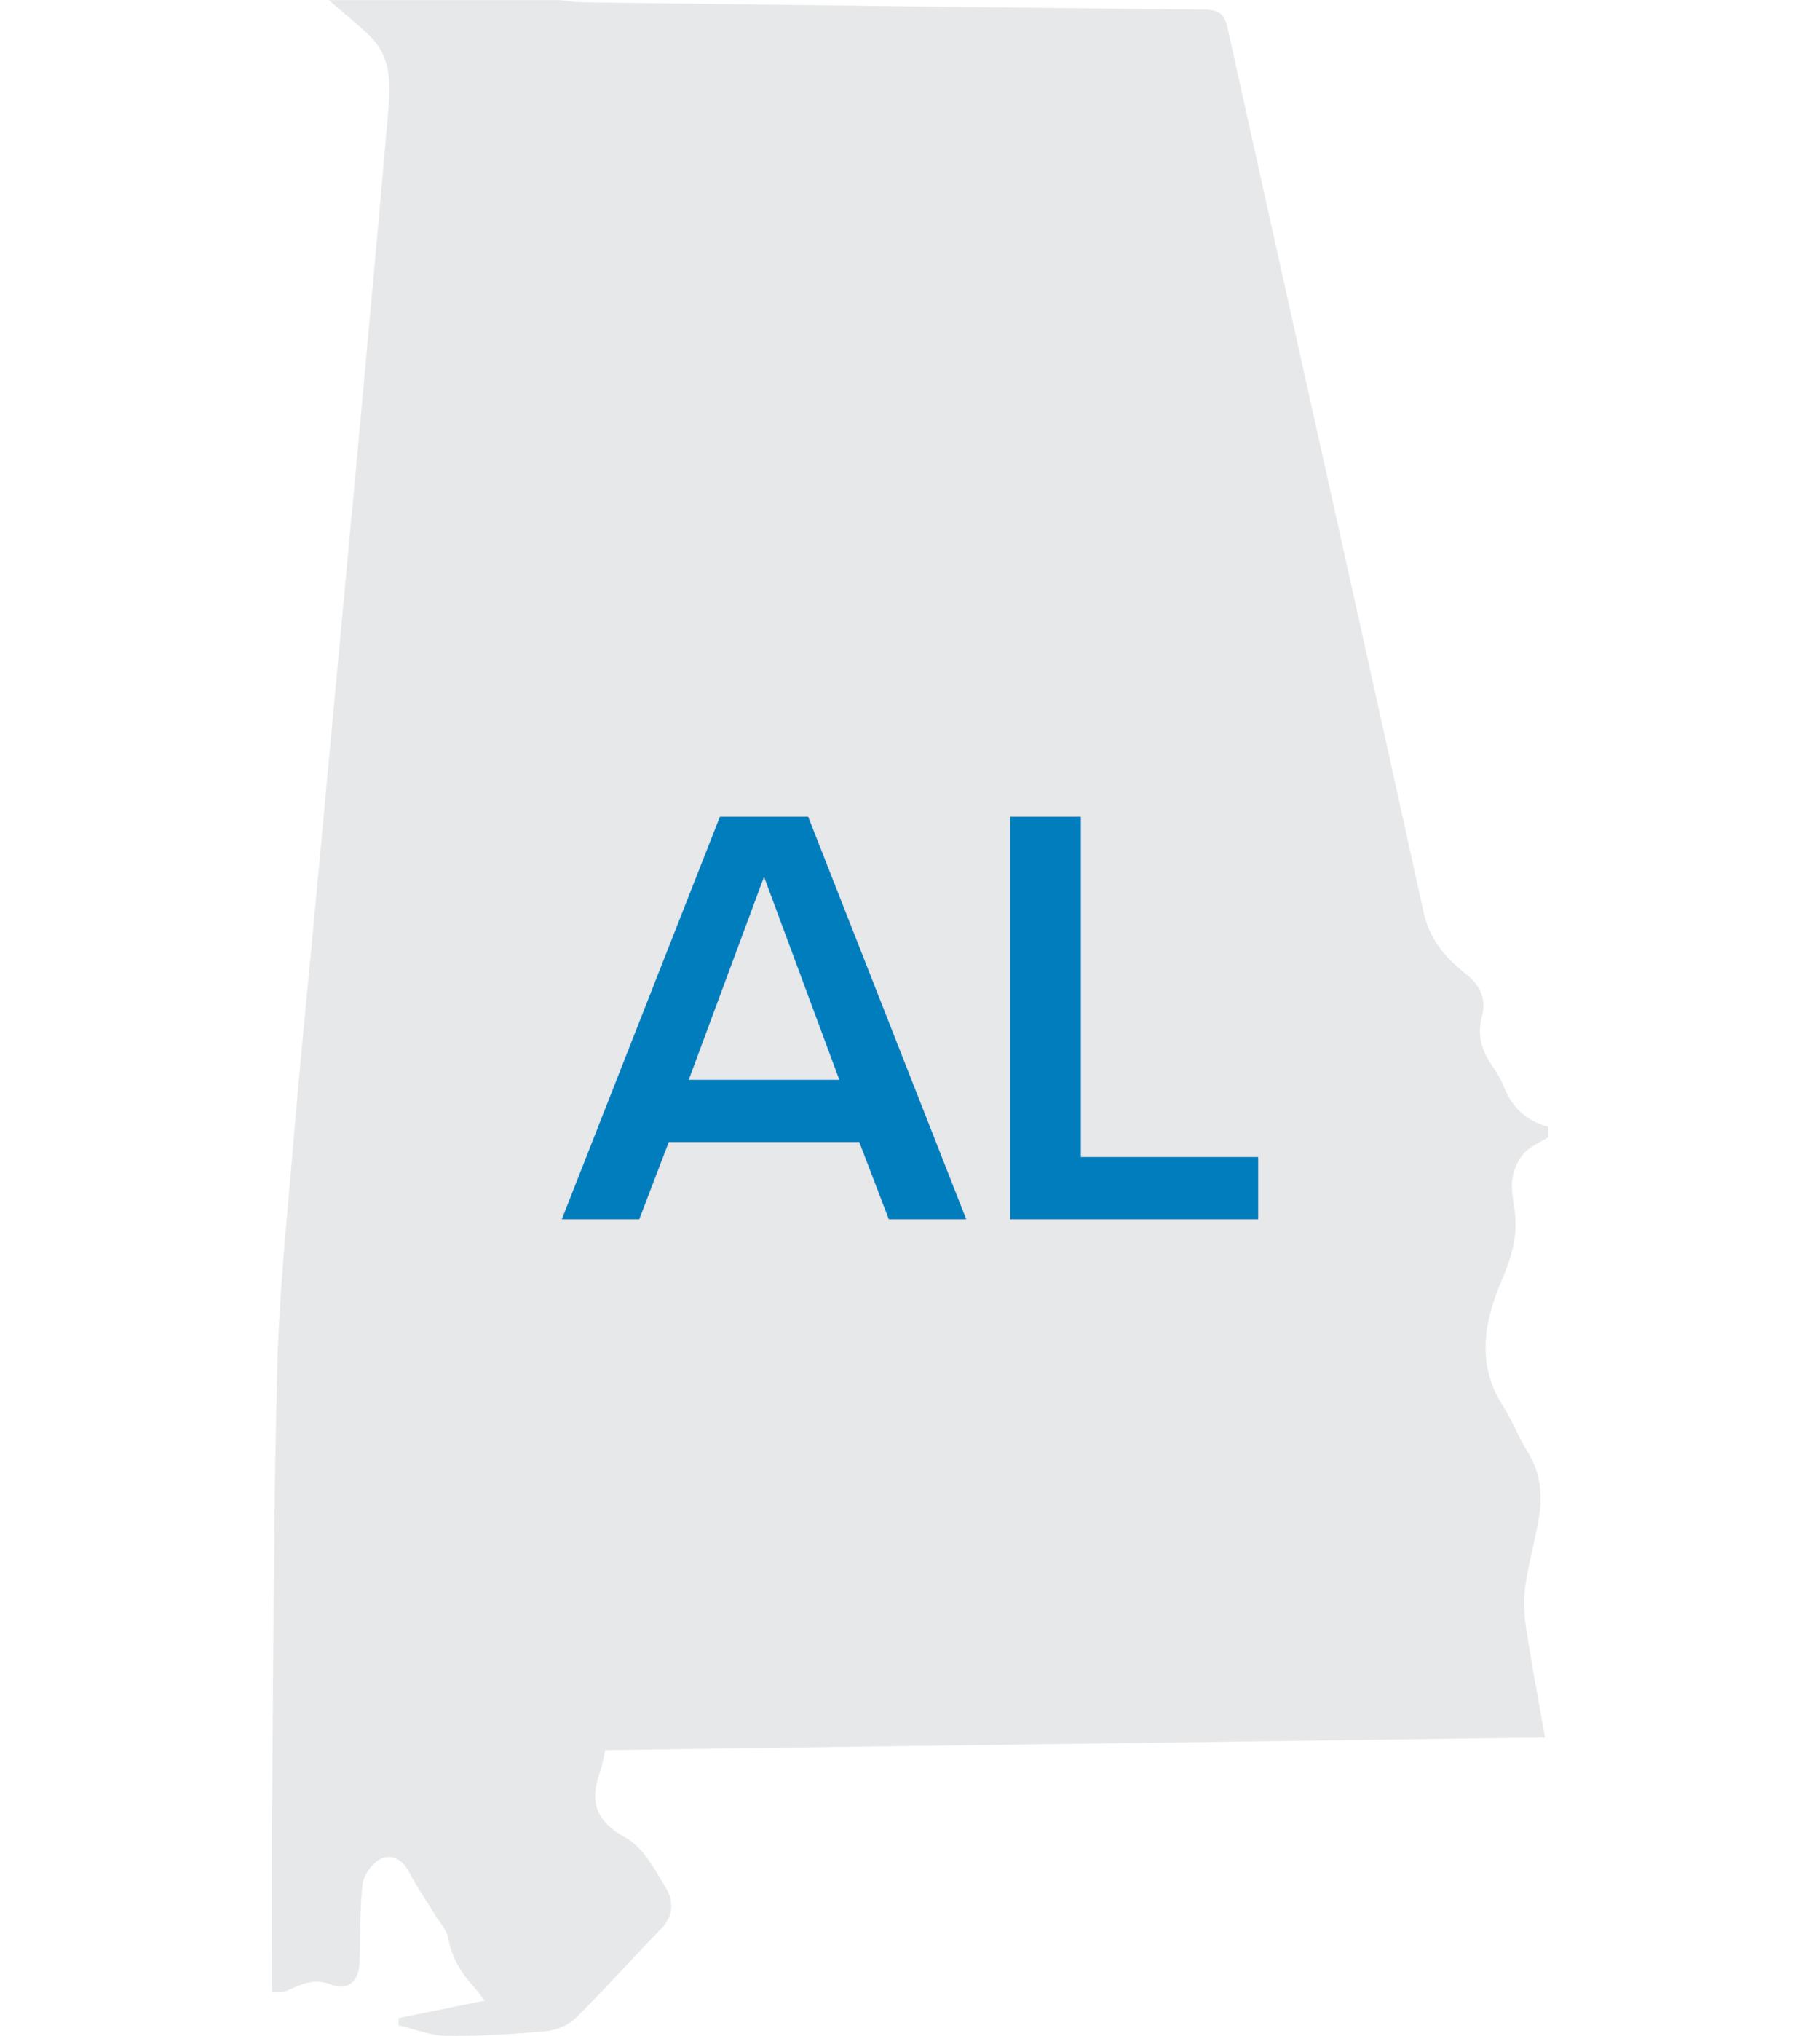 Alabama Partnership